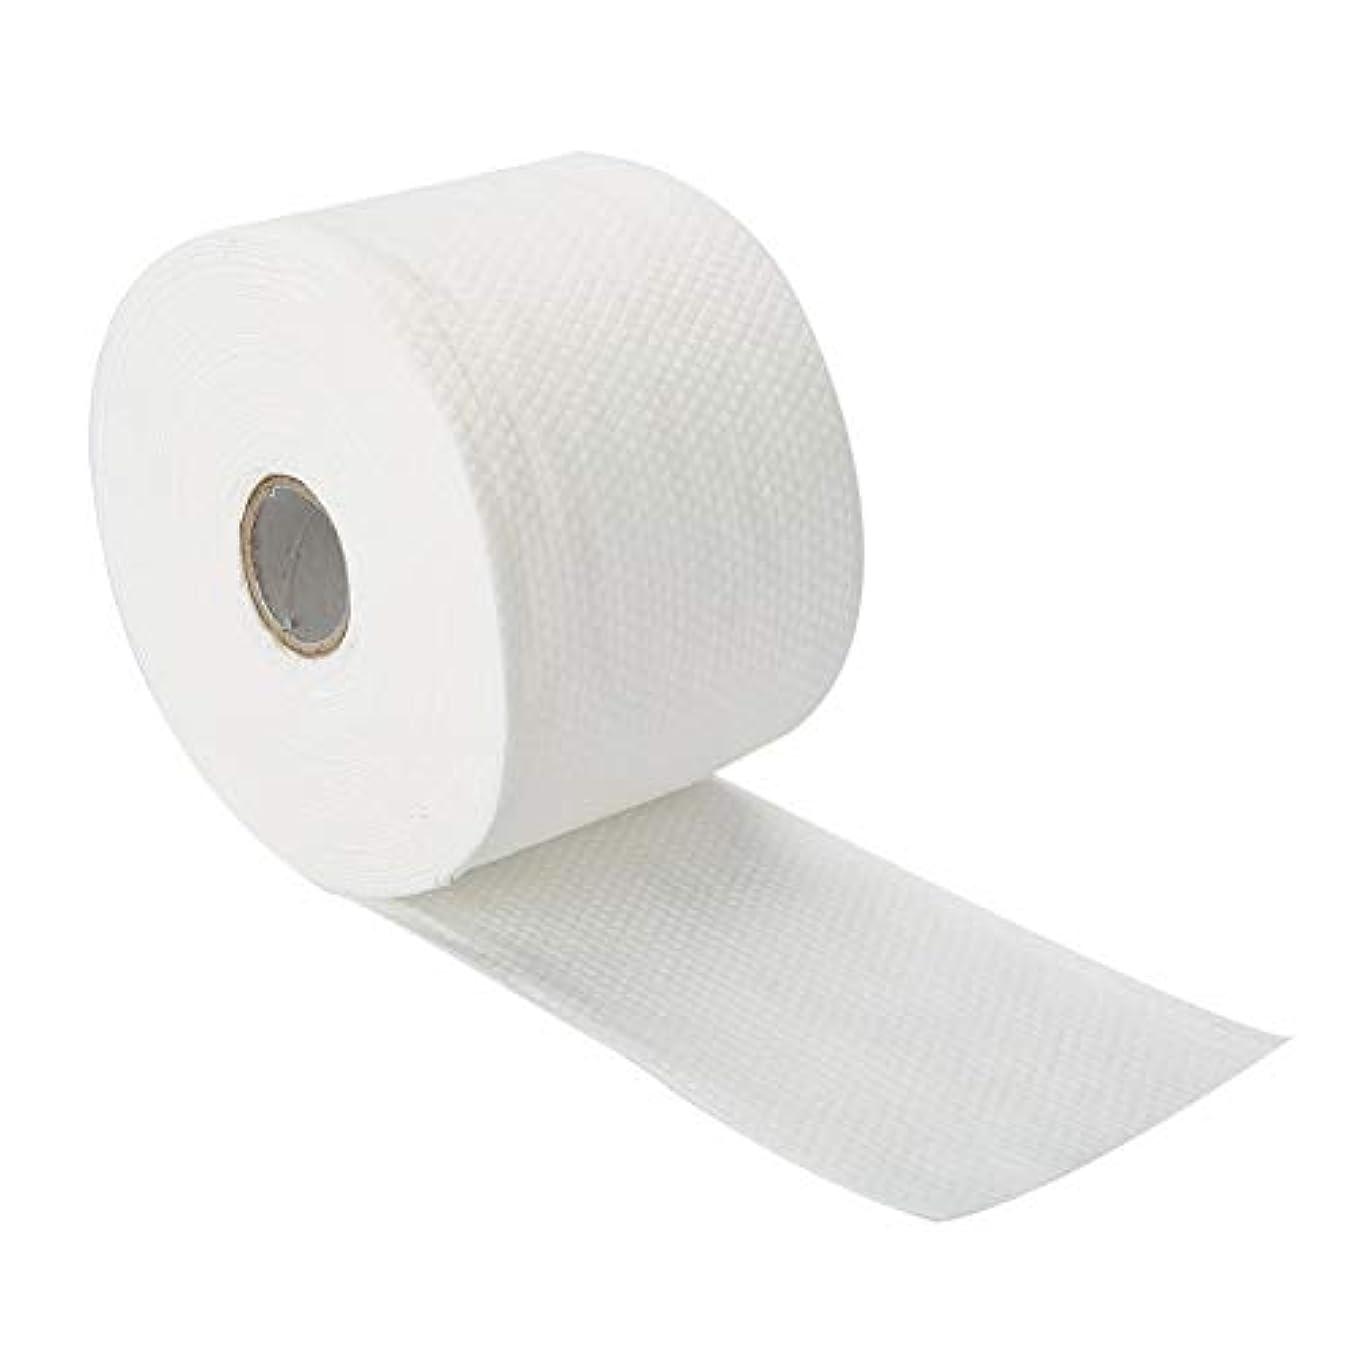 クック動かないわかる構造の使い捨て可能 表面 タオル 柔らかい Nonwoven クリーニングの化粧品の綿パッド25m